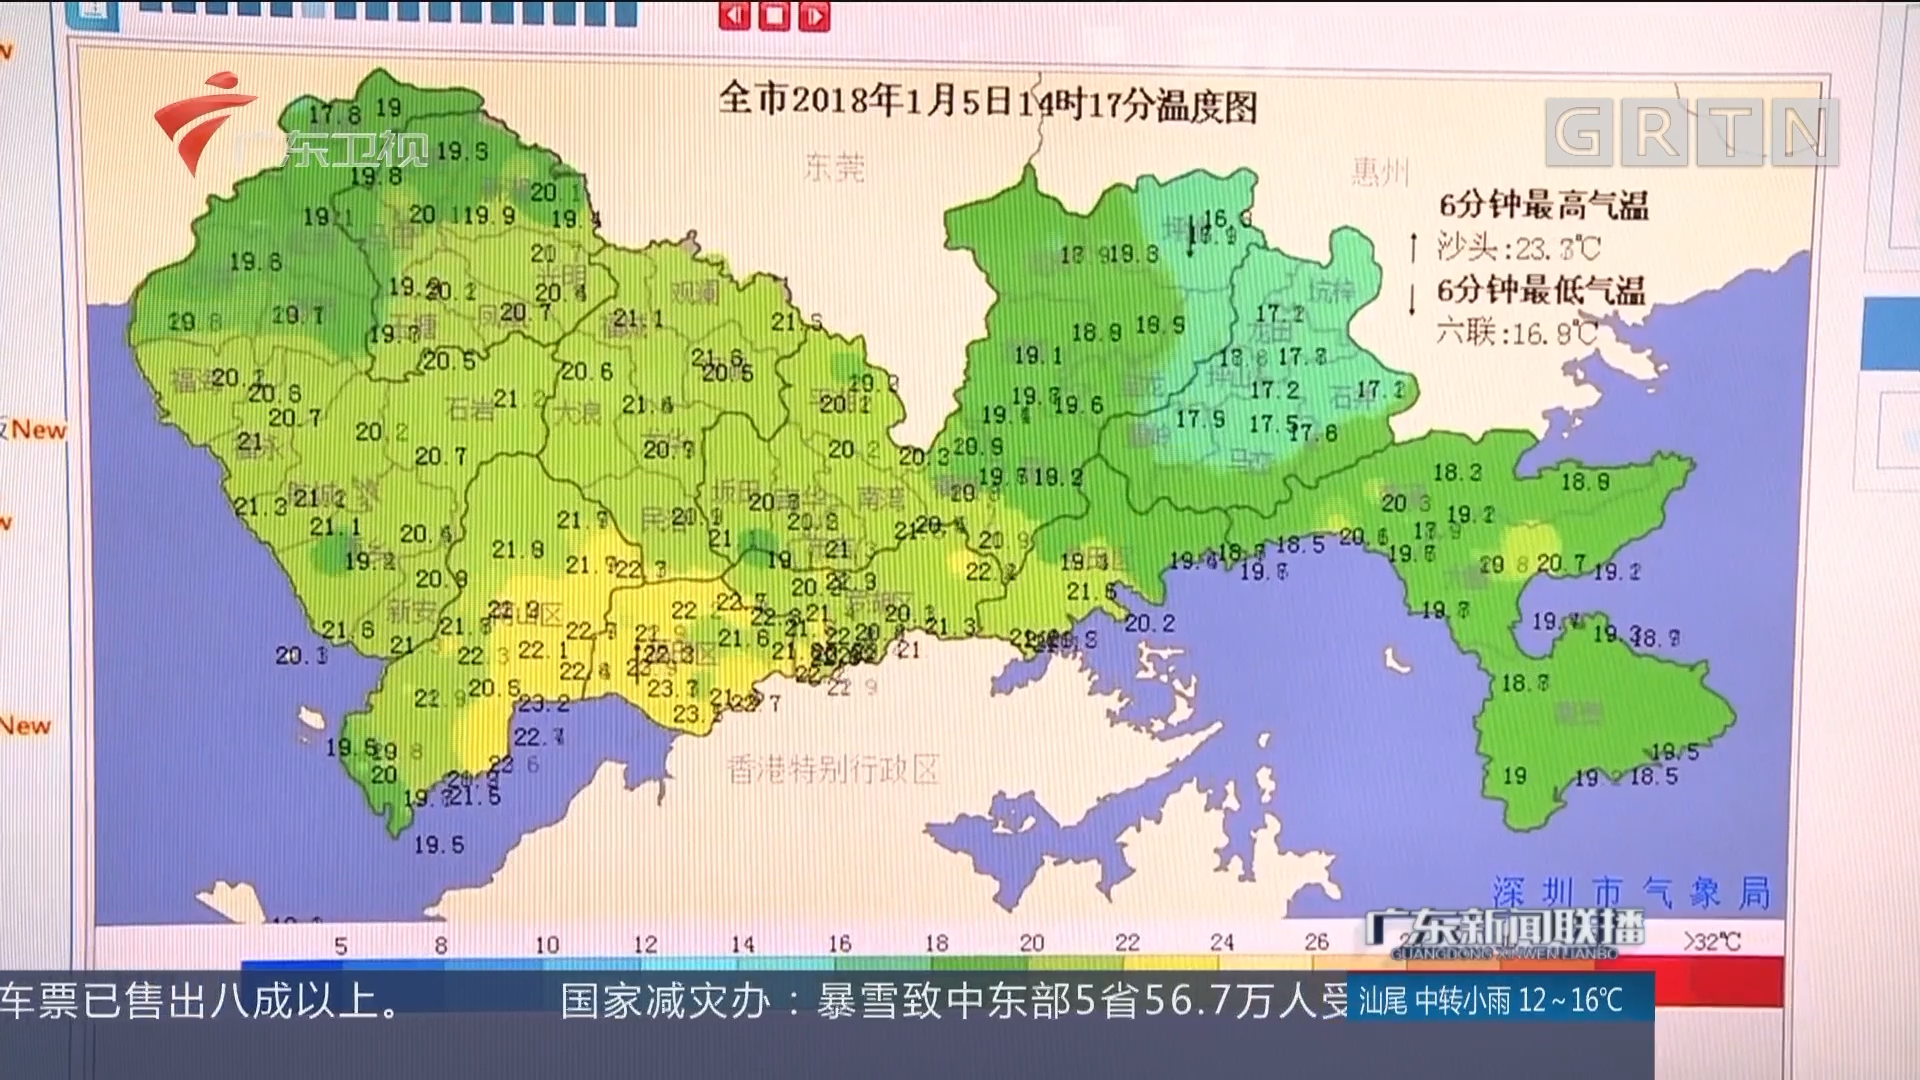 冷空气强势来袭 广东开启湿冷模式